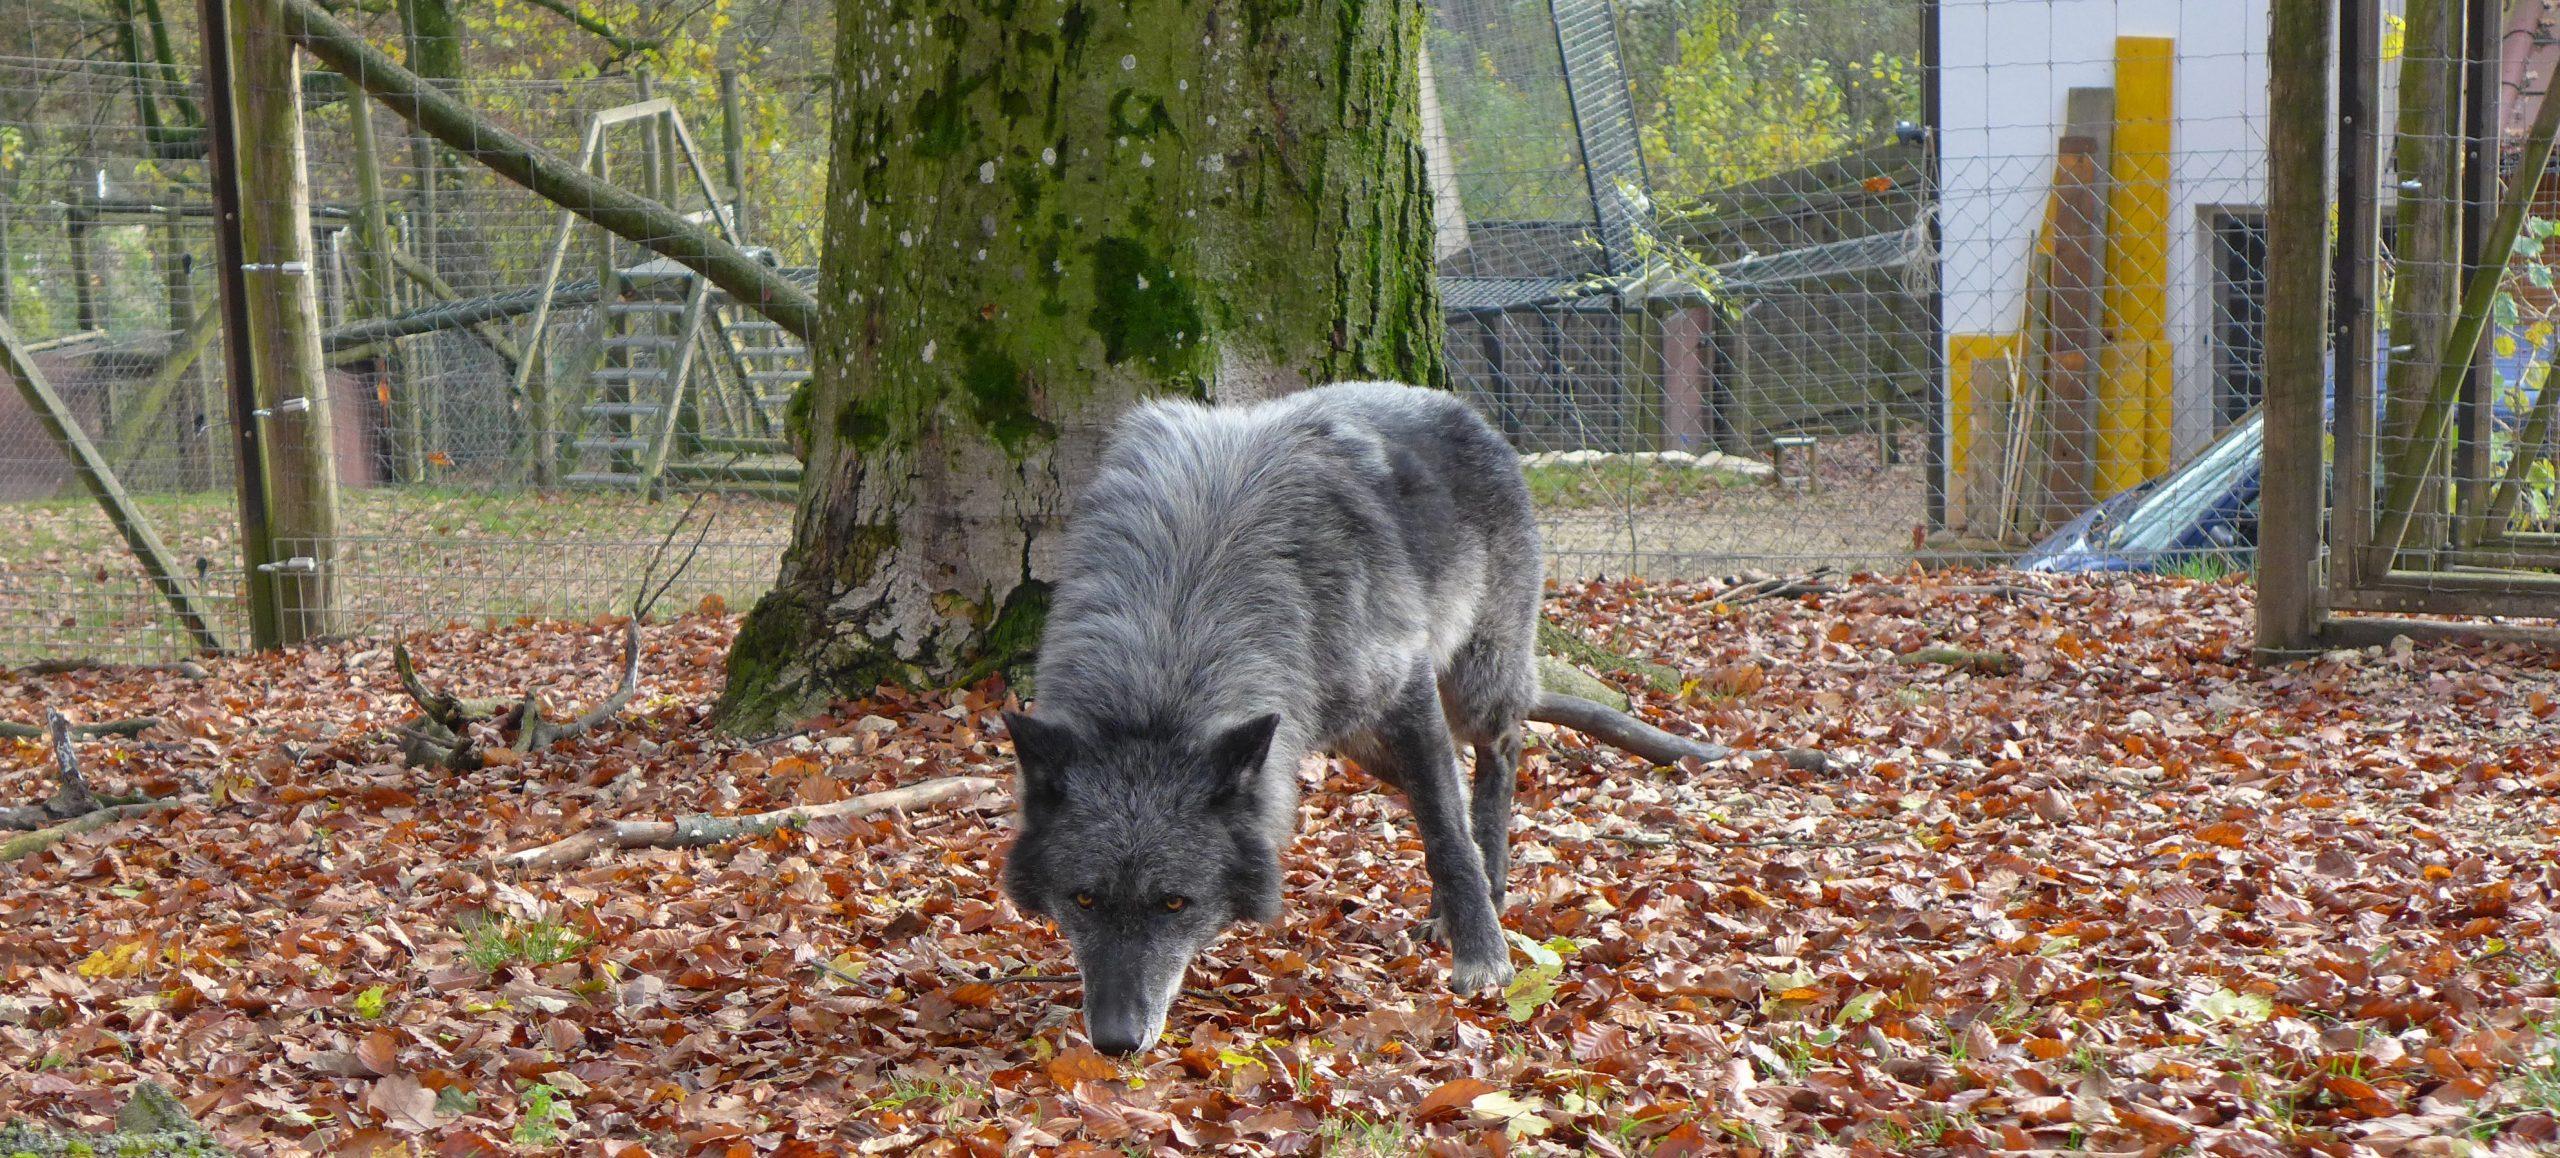 Storybild  wolf-mensch-im-wildpark-ernstbrunn 01